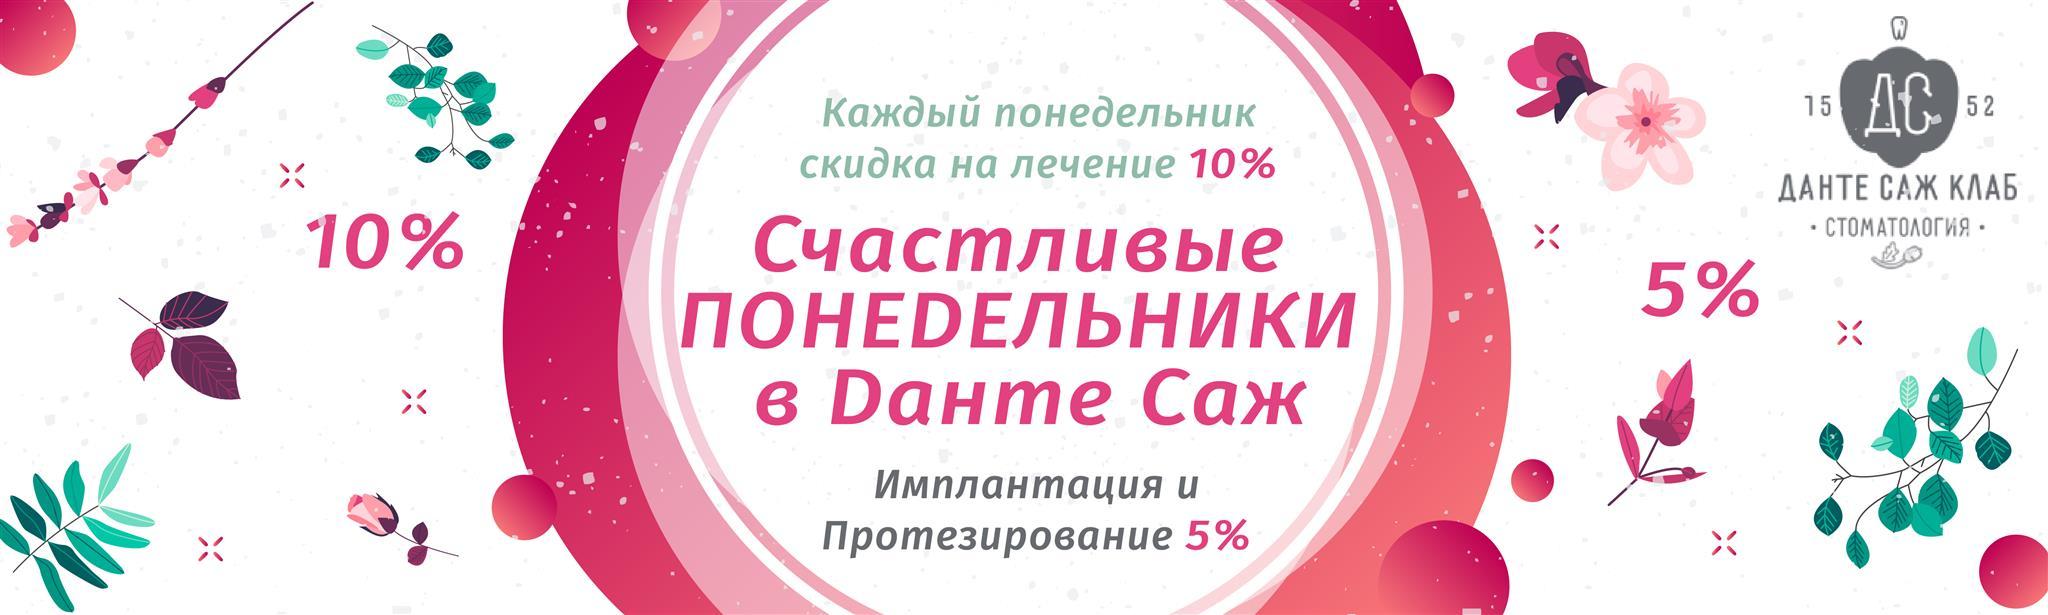 Лечение кариеса Москва